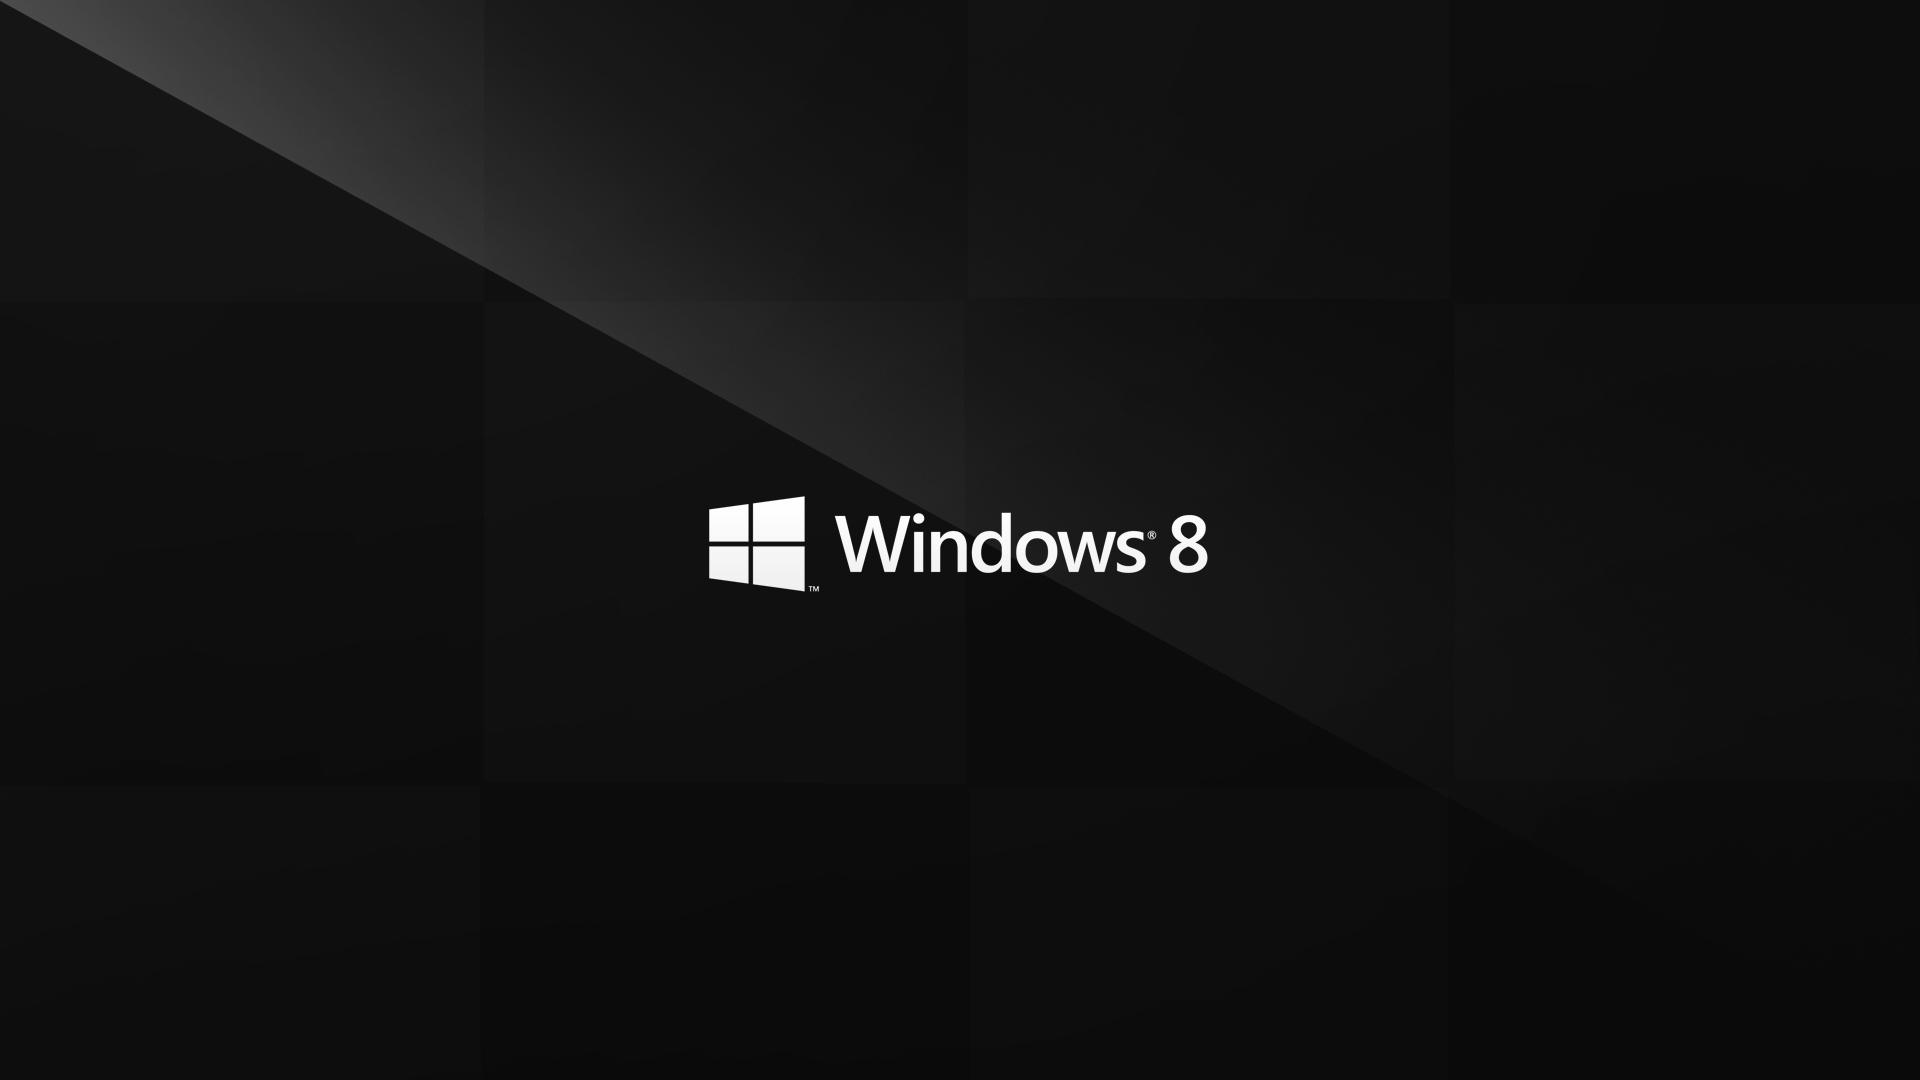 windows 10 desktop is black 11 free wallpaper